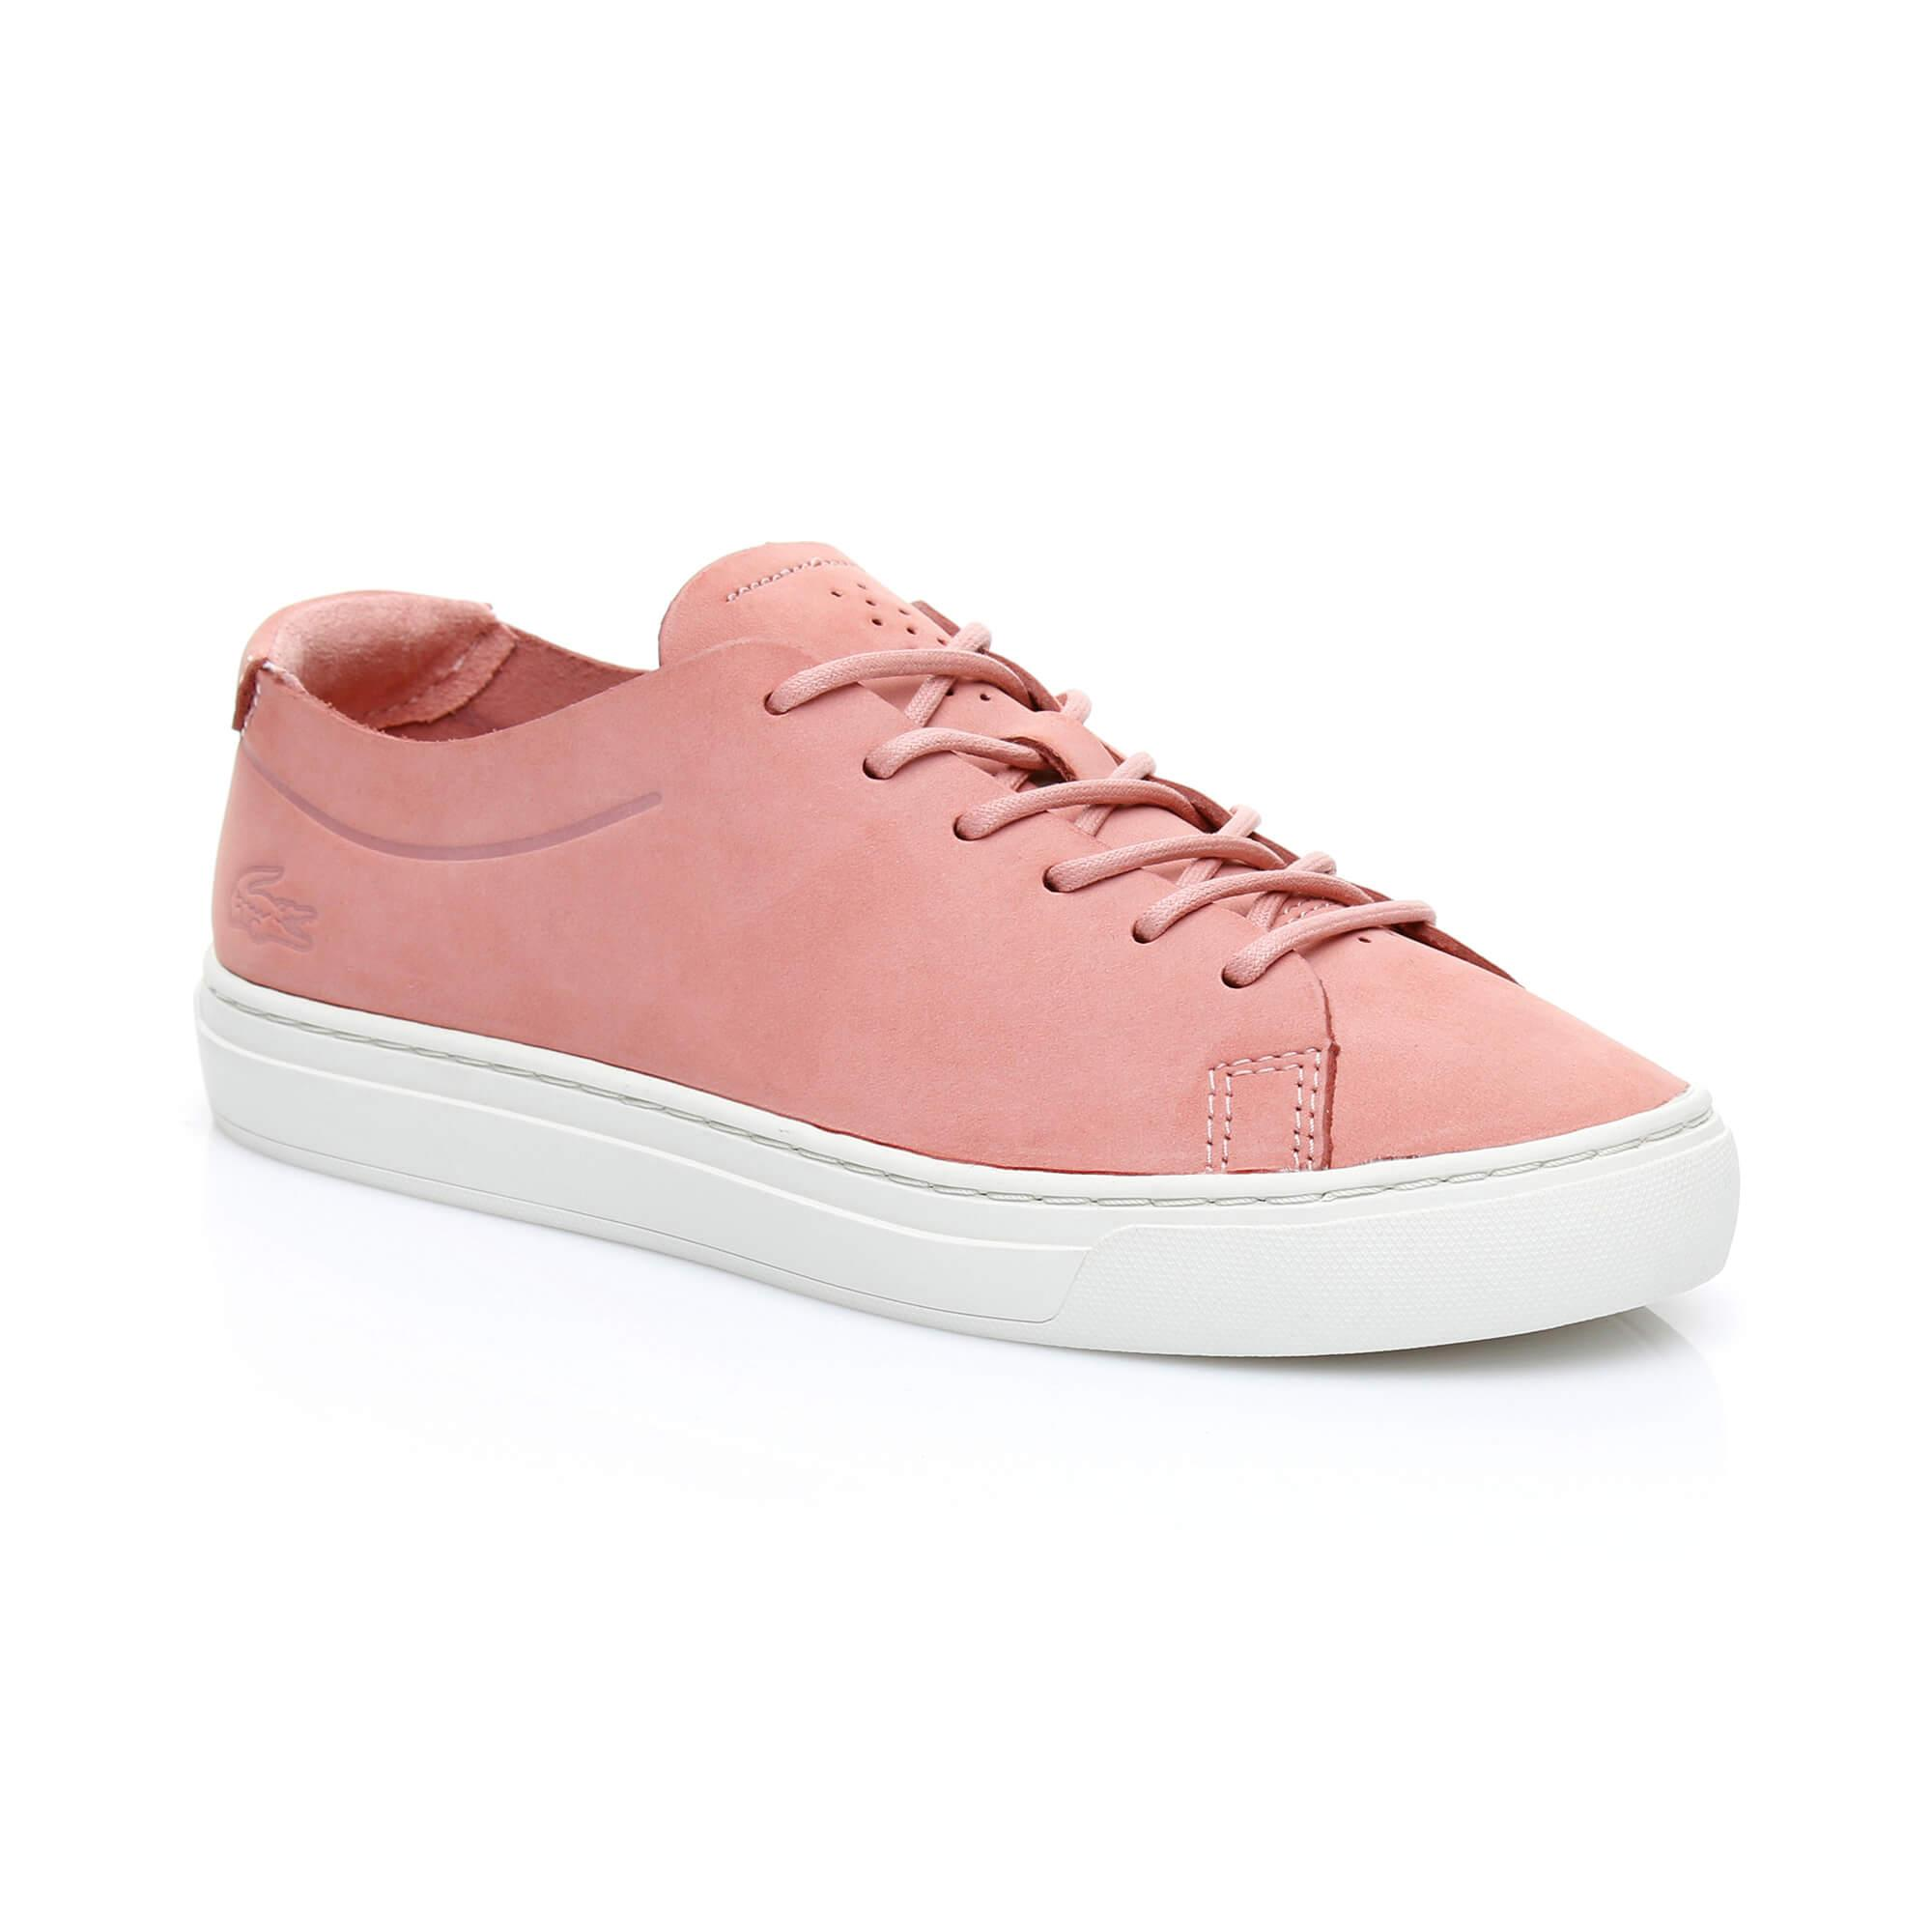 Lacoste Kadın L.12.12 Unlined 318 1 Pembe Sneaker